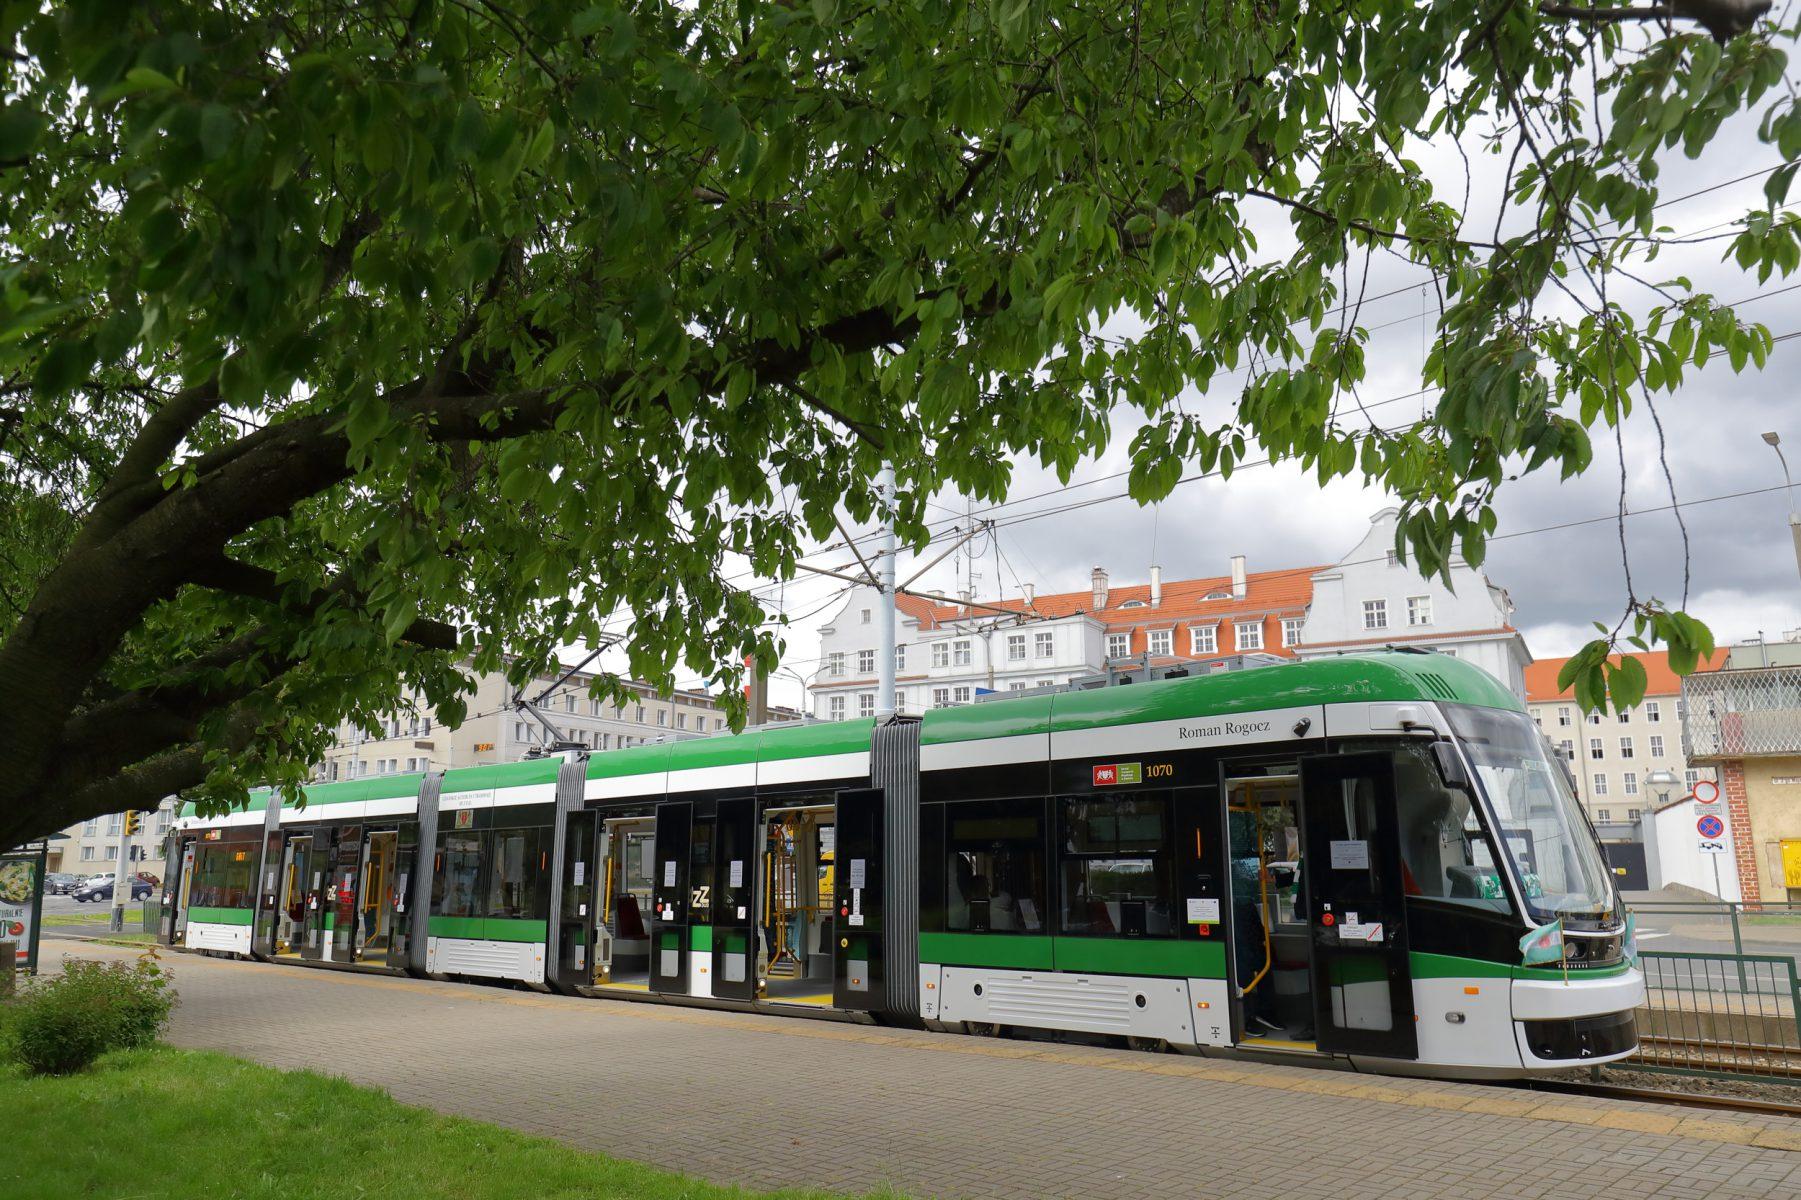 fot. Grzegorz Mehring / www.gdansk.pl